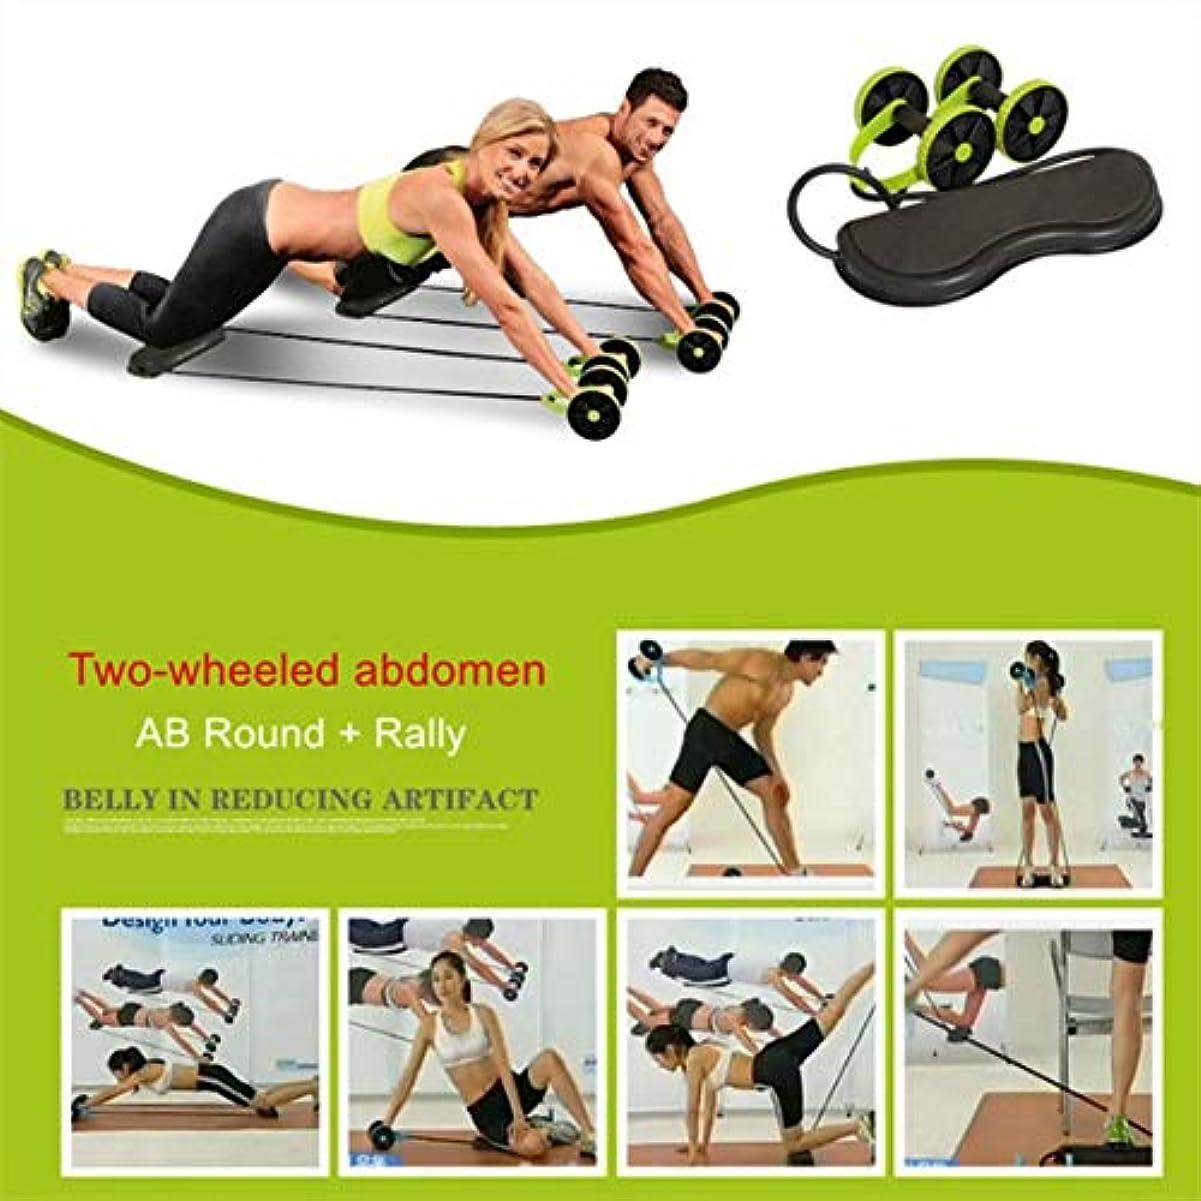 ブラシサーカスホールJS-04多機能腹輪腹筋輪腹輪テンションロープ筋肉トレーニングマシン(グリーン&ブラック)